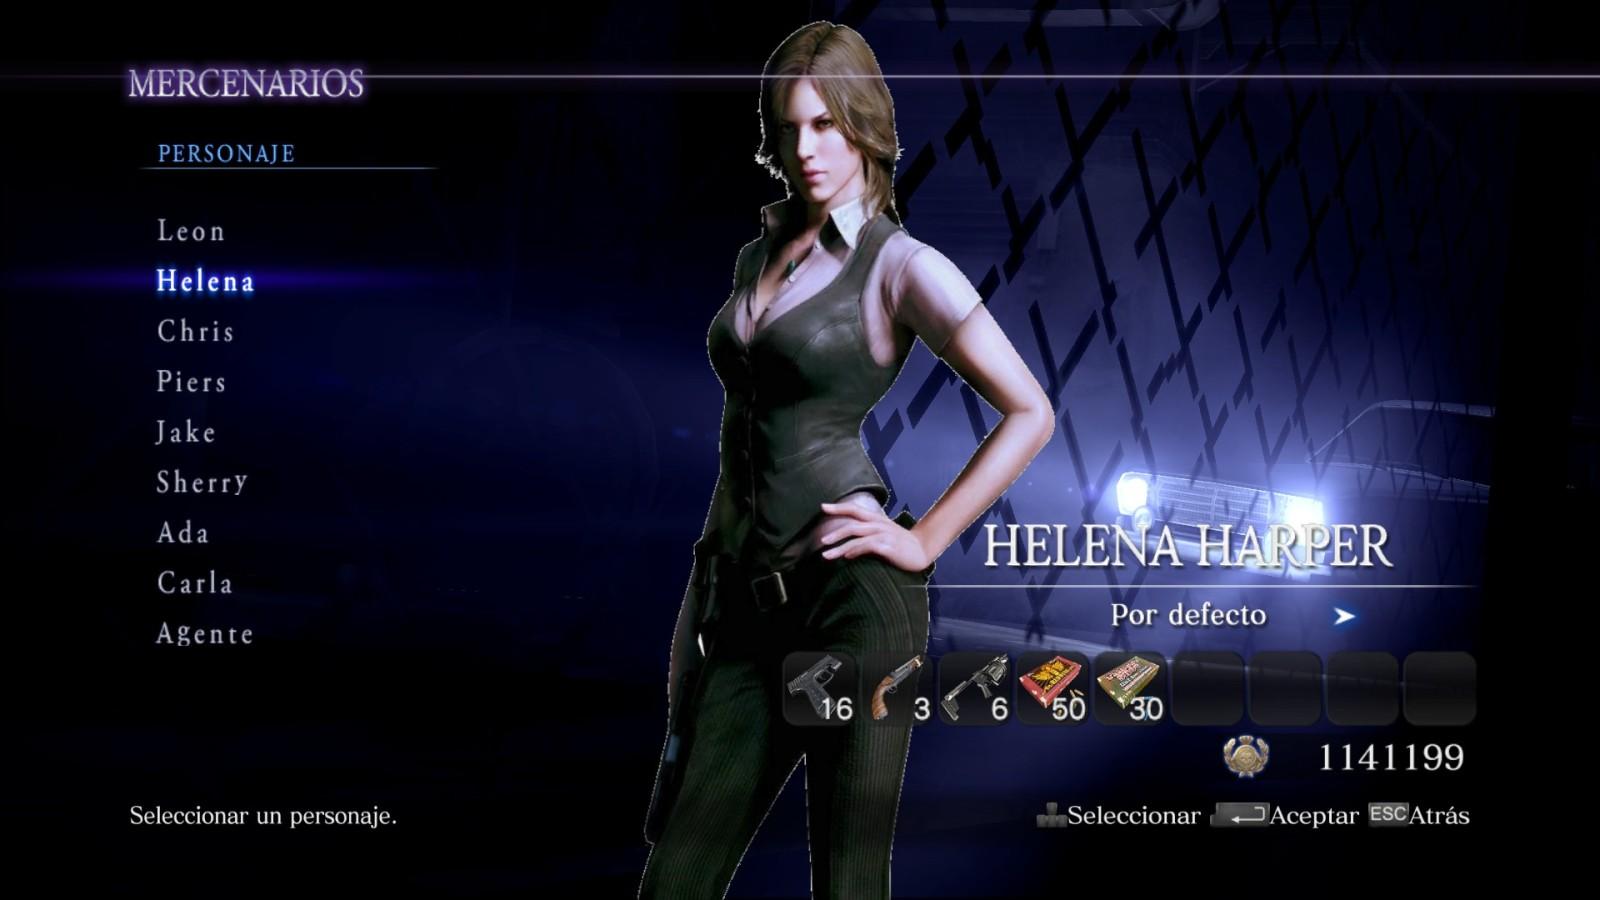 Nuevas imágenes para los personajes (mercenarios) 2ly678k